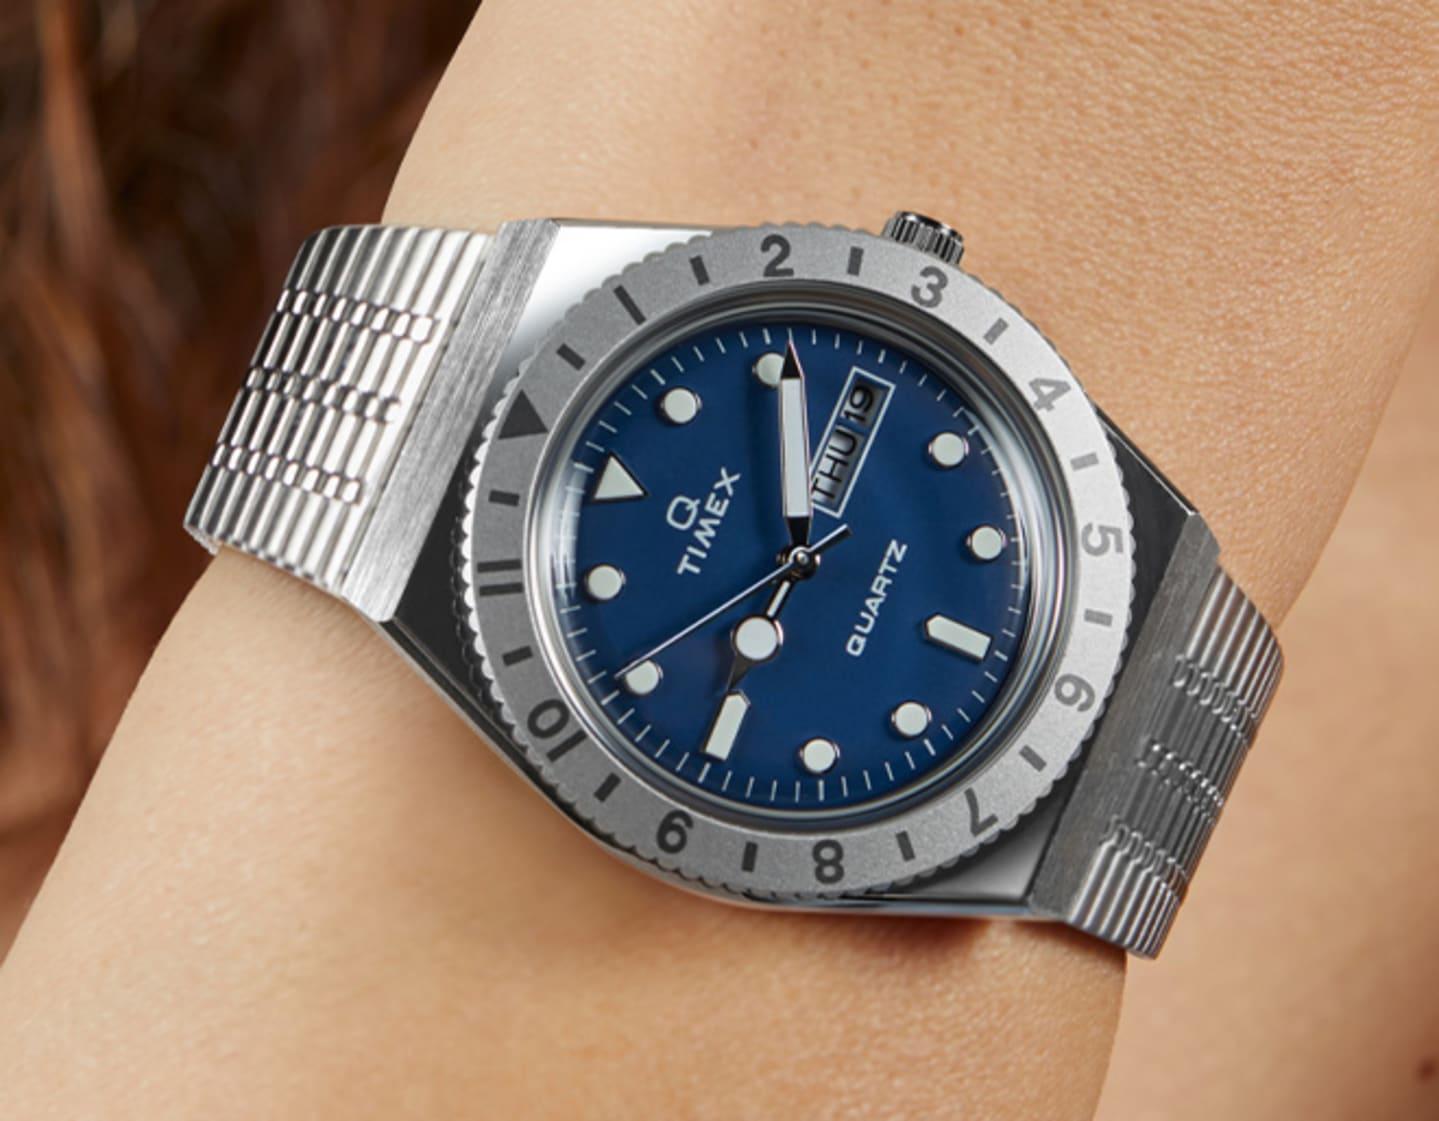 Femmes portant une montre Milano.